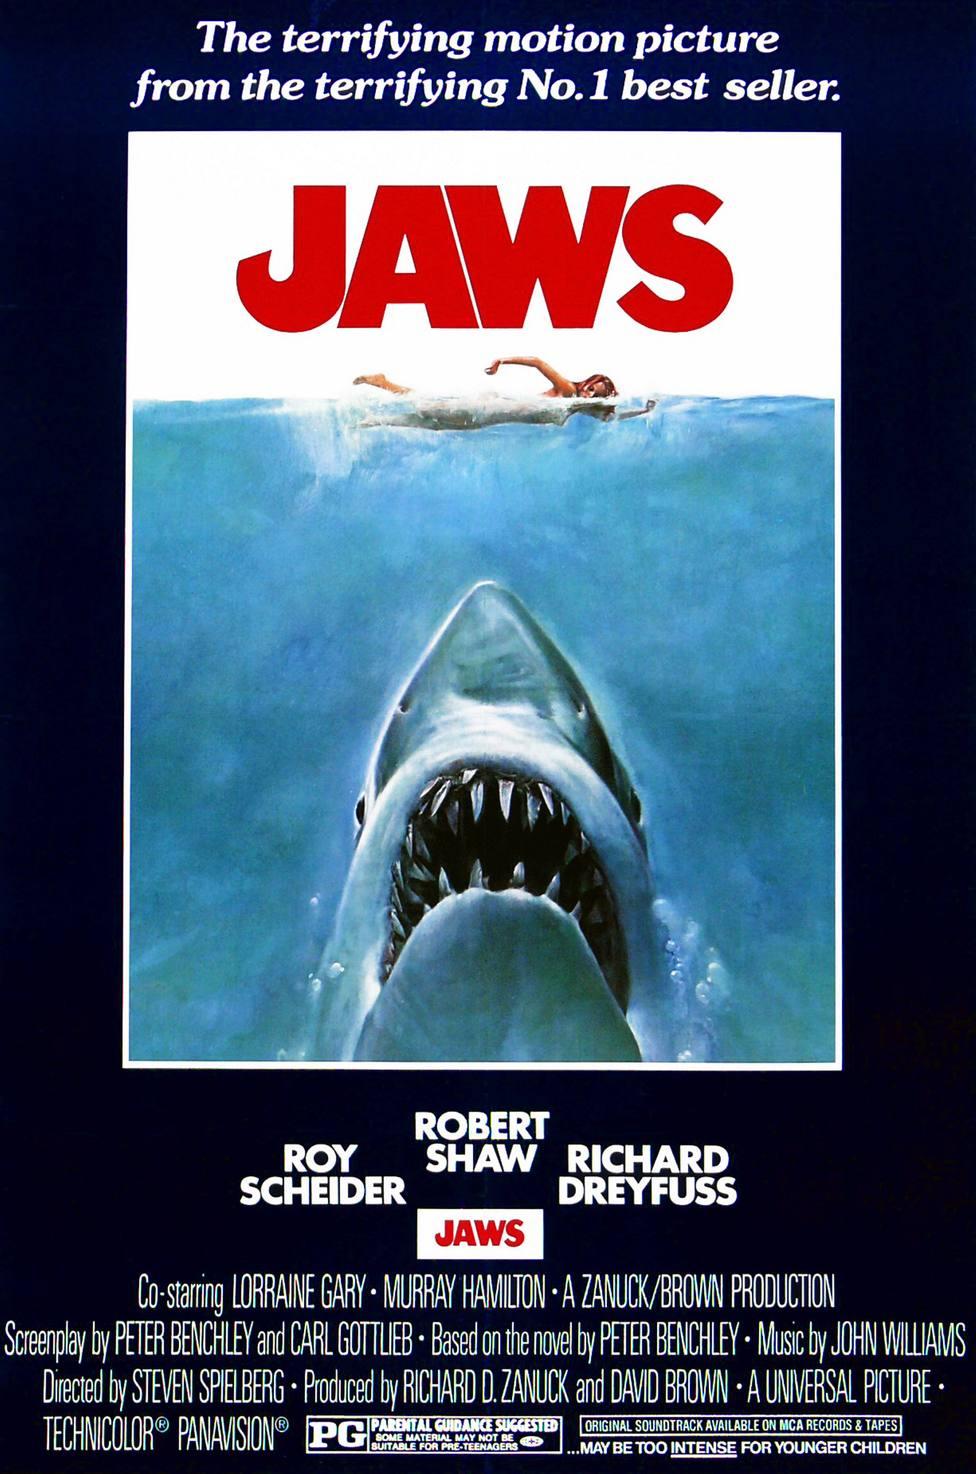 Jaws a 1975 American Thriller film starring Roy Scheider.